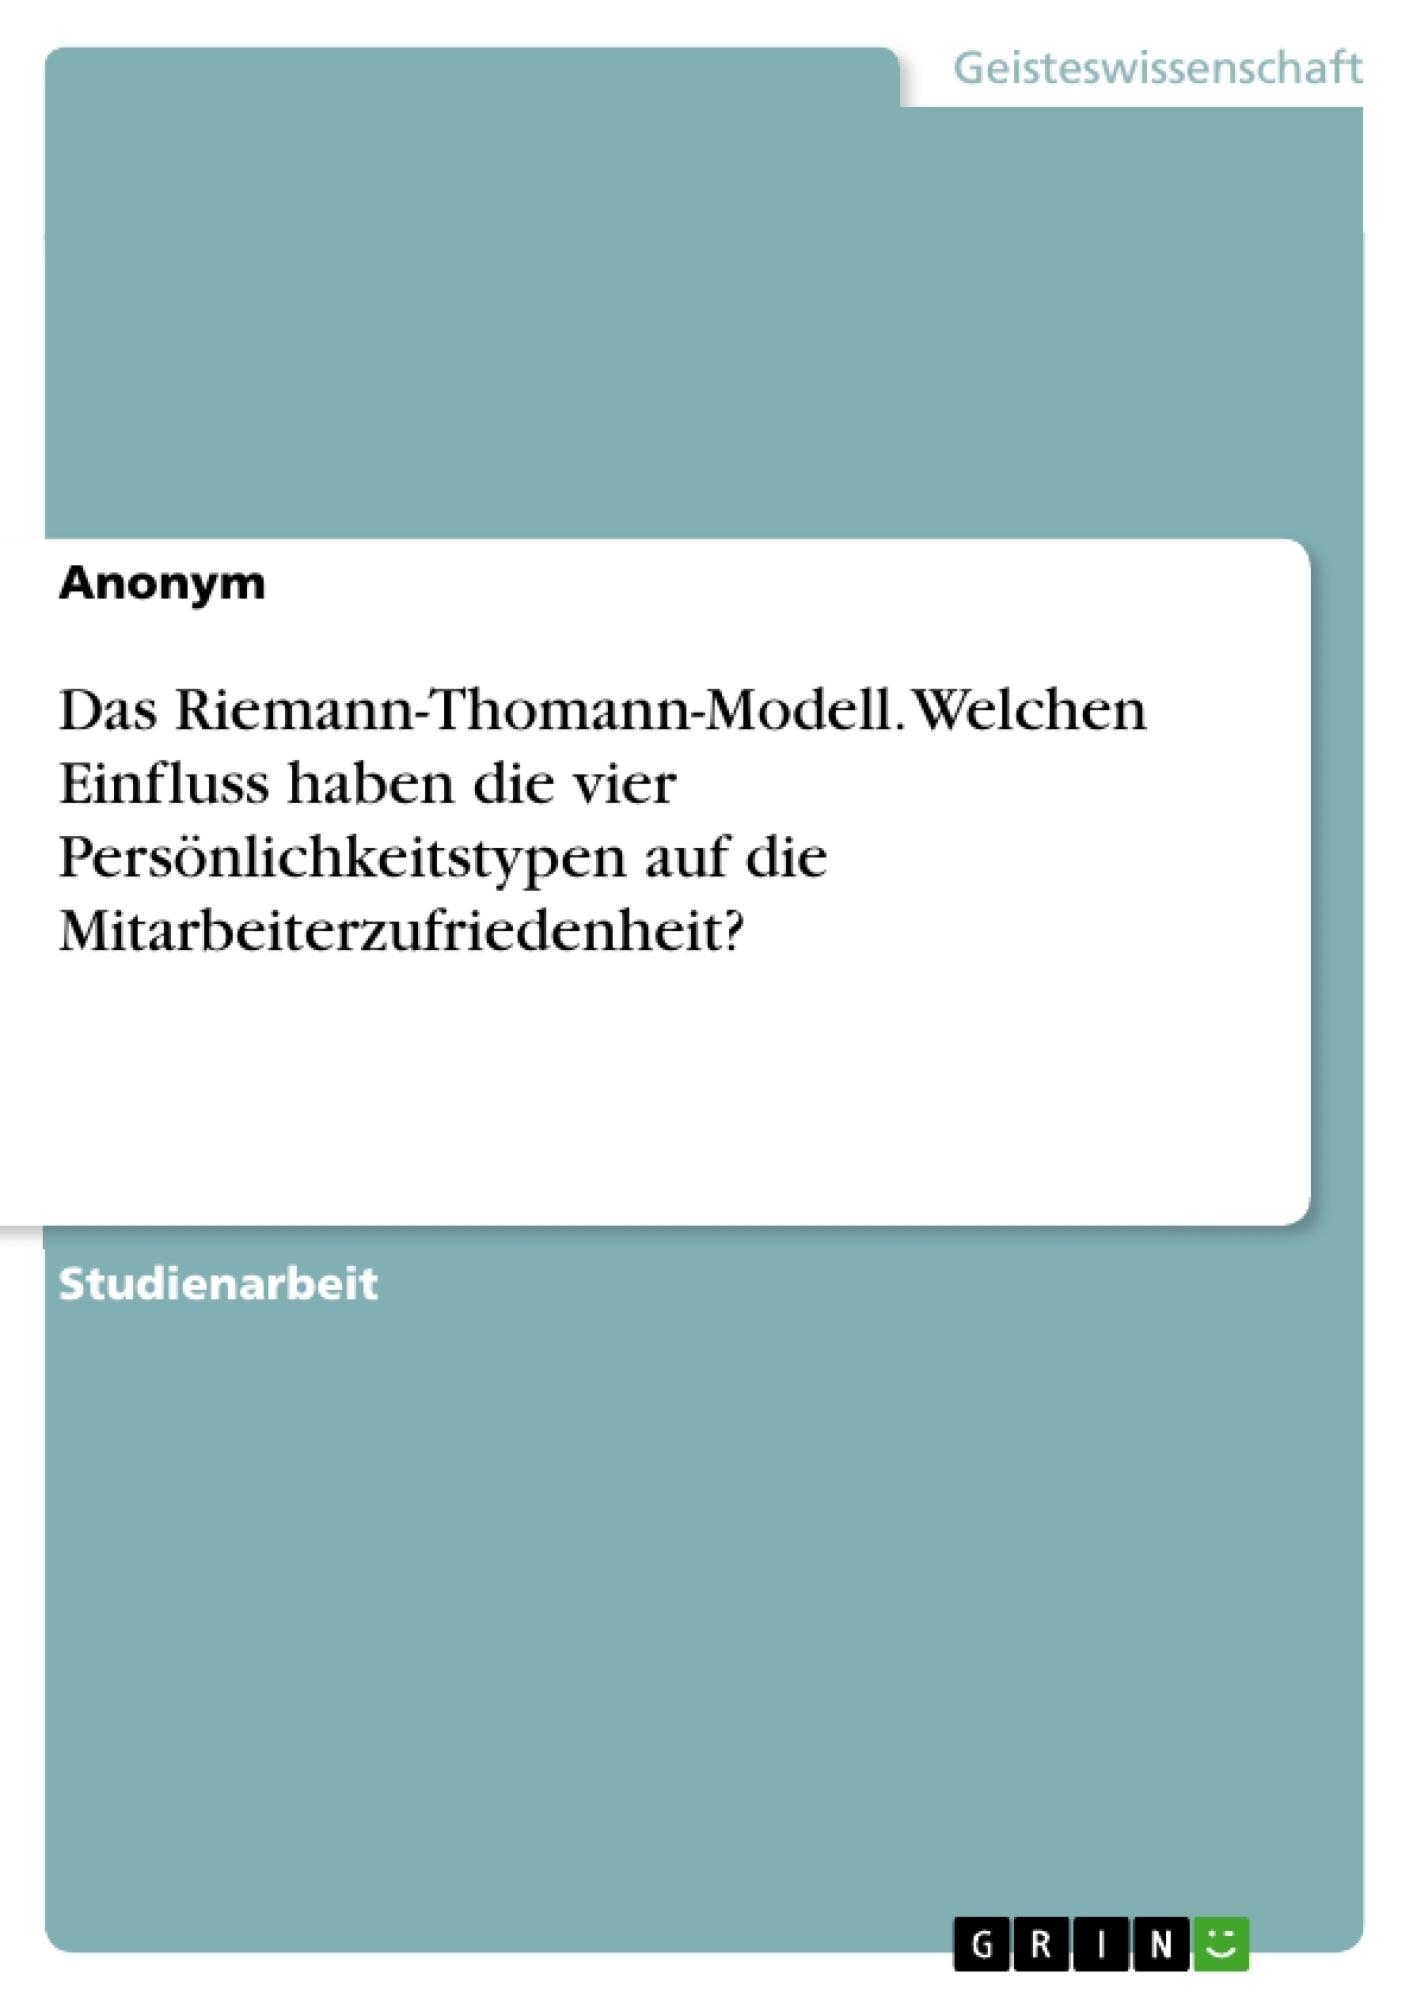 Titel: Das Riemann-Thomann-Modell. Welchen Einfluss haben die vier Persönlichkeitstypen auf die Mitarbeiterzufriedenheit?